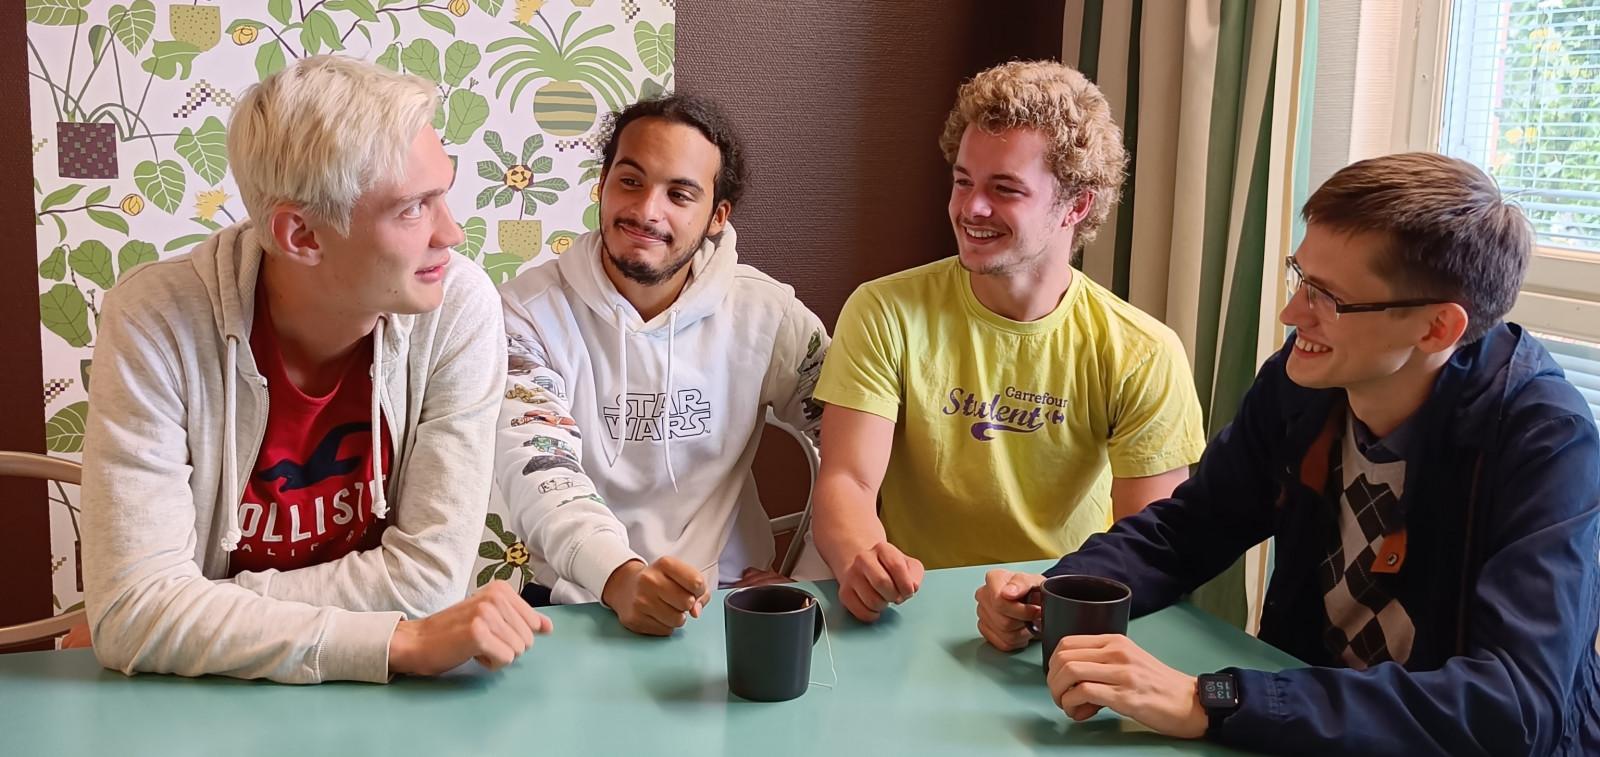 Neljä nuorta miestä istuu pöydän ääressä.